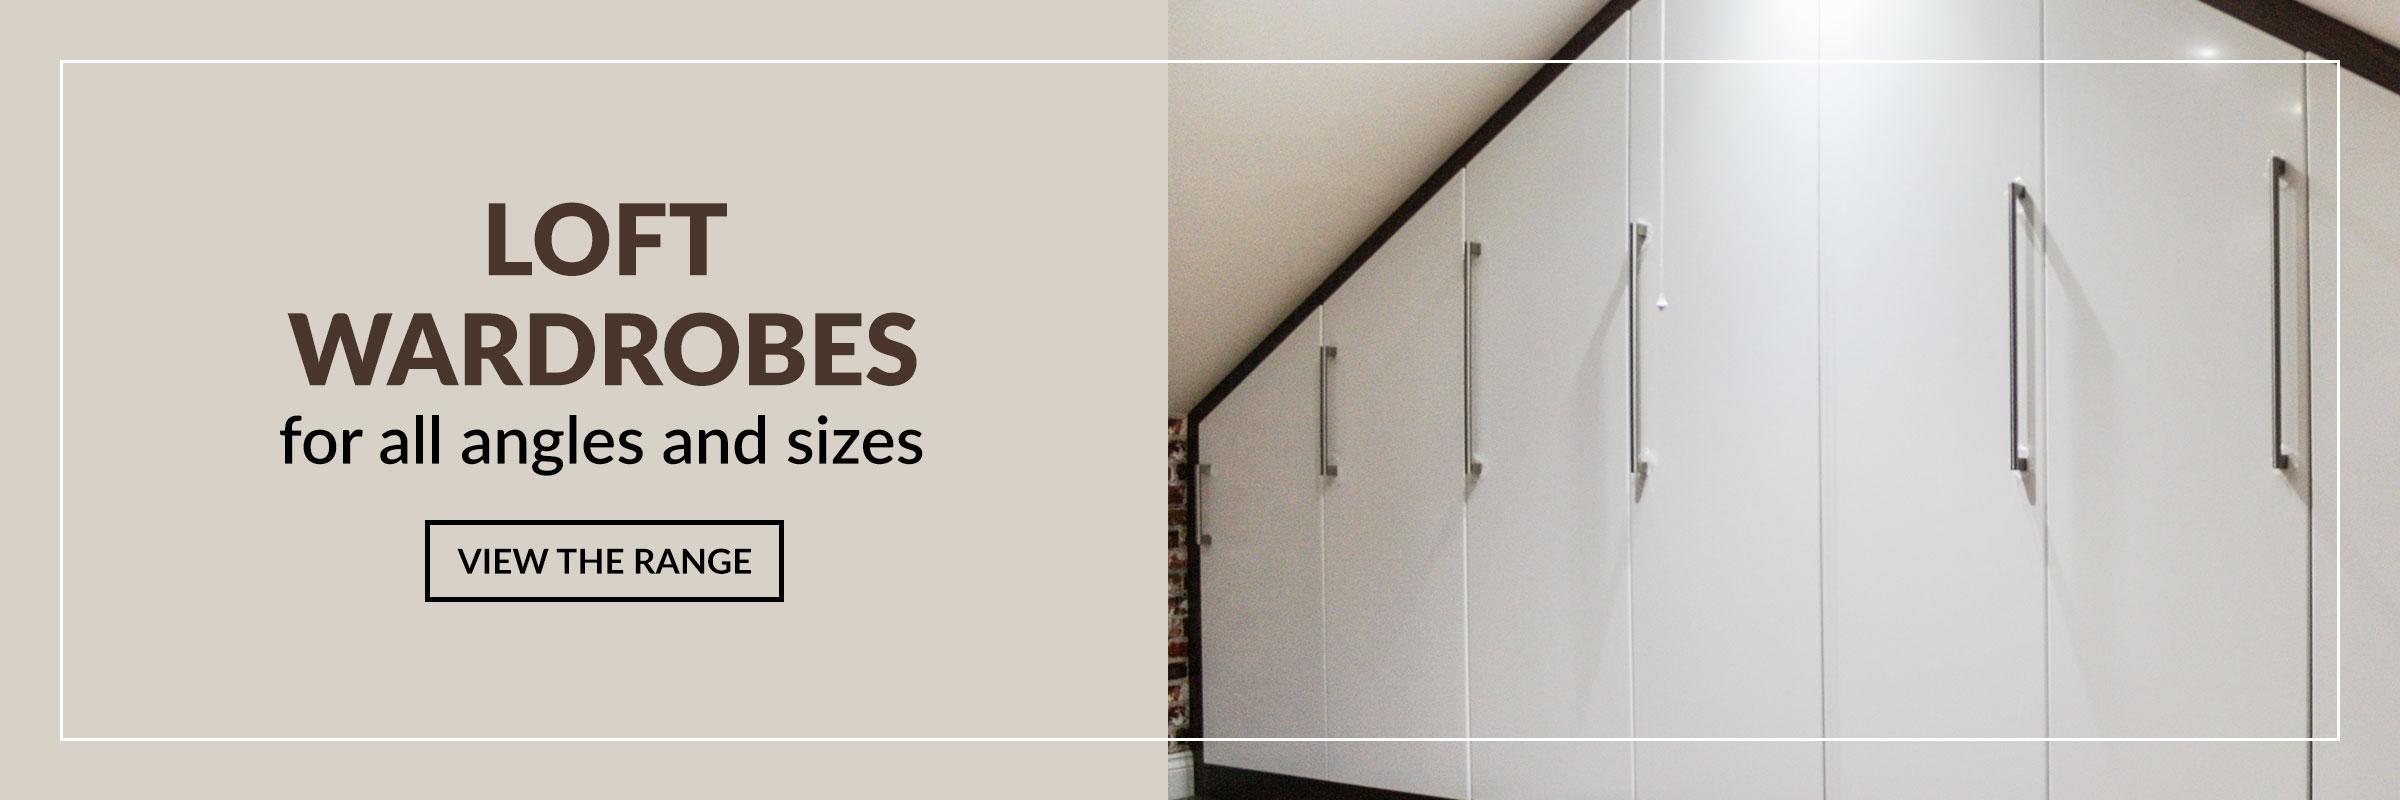 loft-wardrobes-August